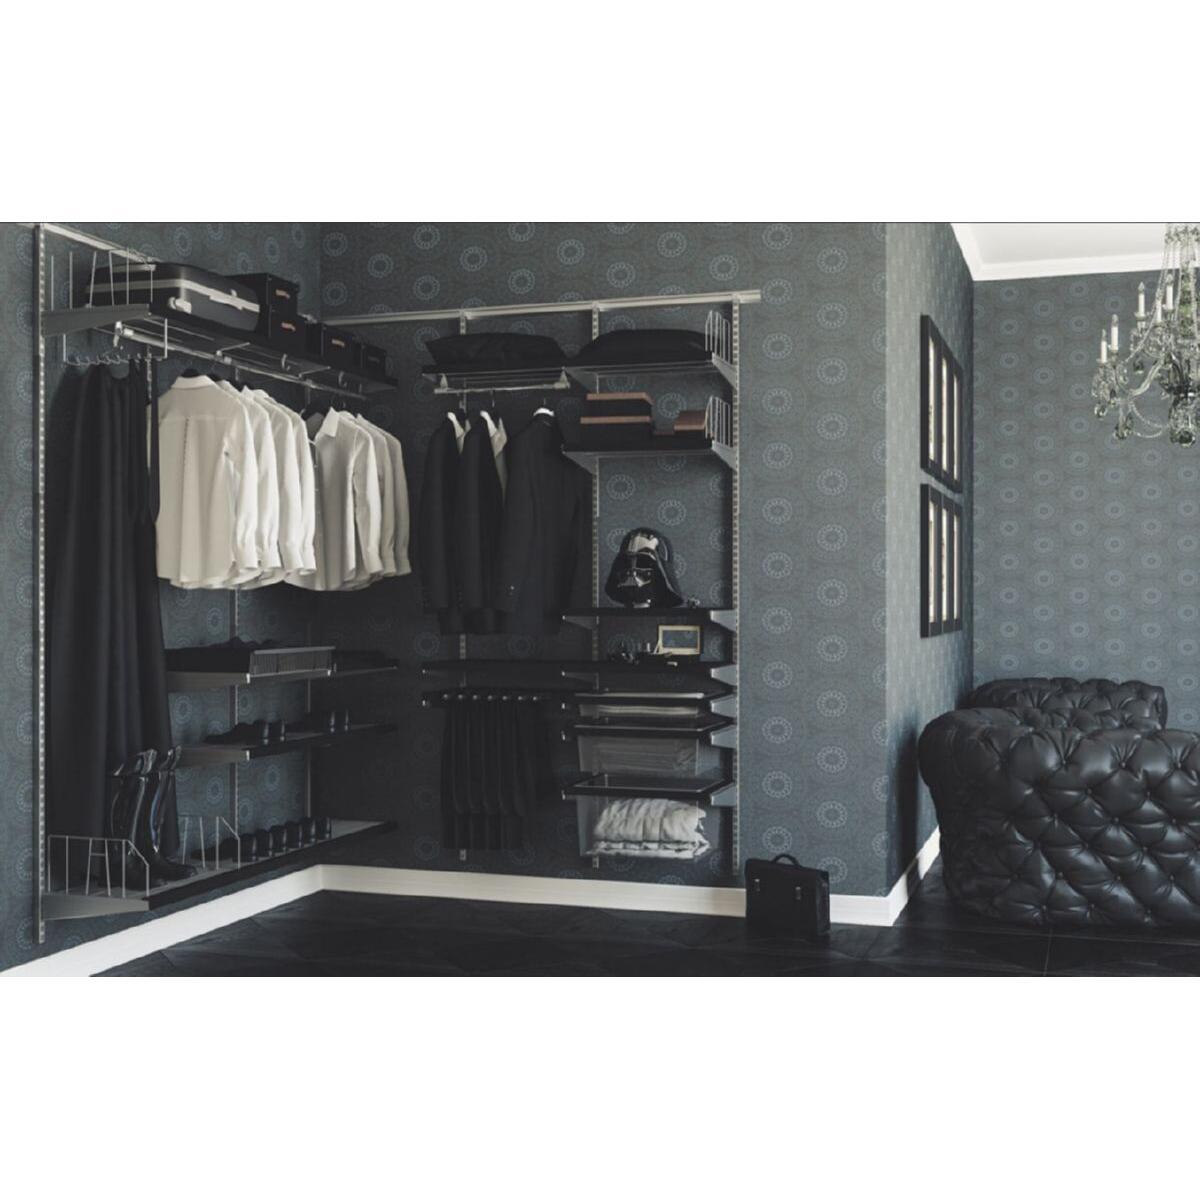 Мужская угловая гардеробная система АРИСТО 39